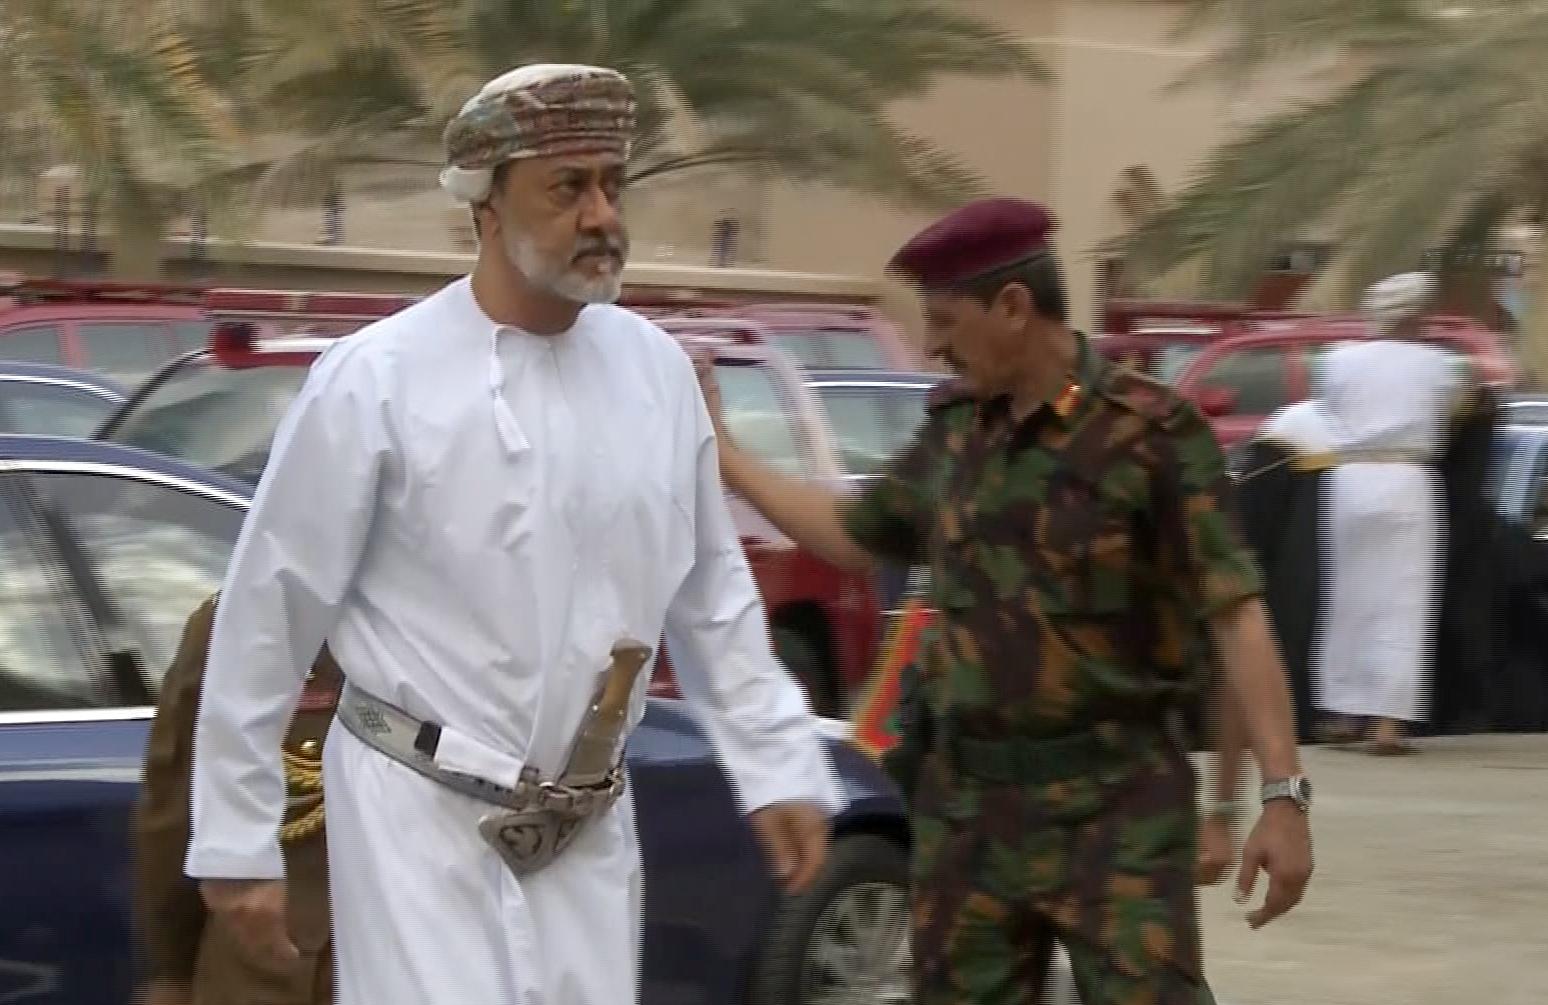 بعد تطورات خطيرة.. توجيه عاجل من السلطان هيثم بن طارق والجيش العماني يستنفر